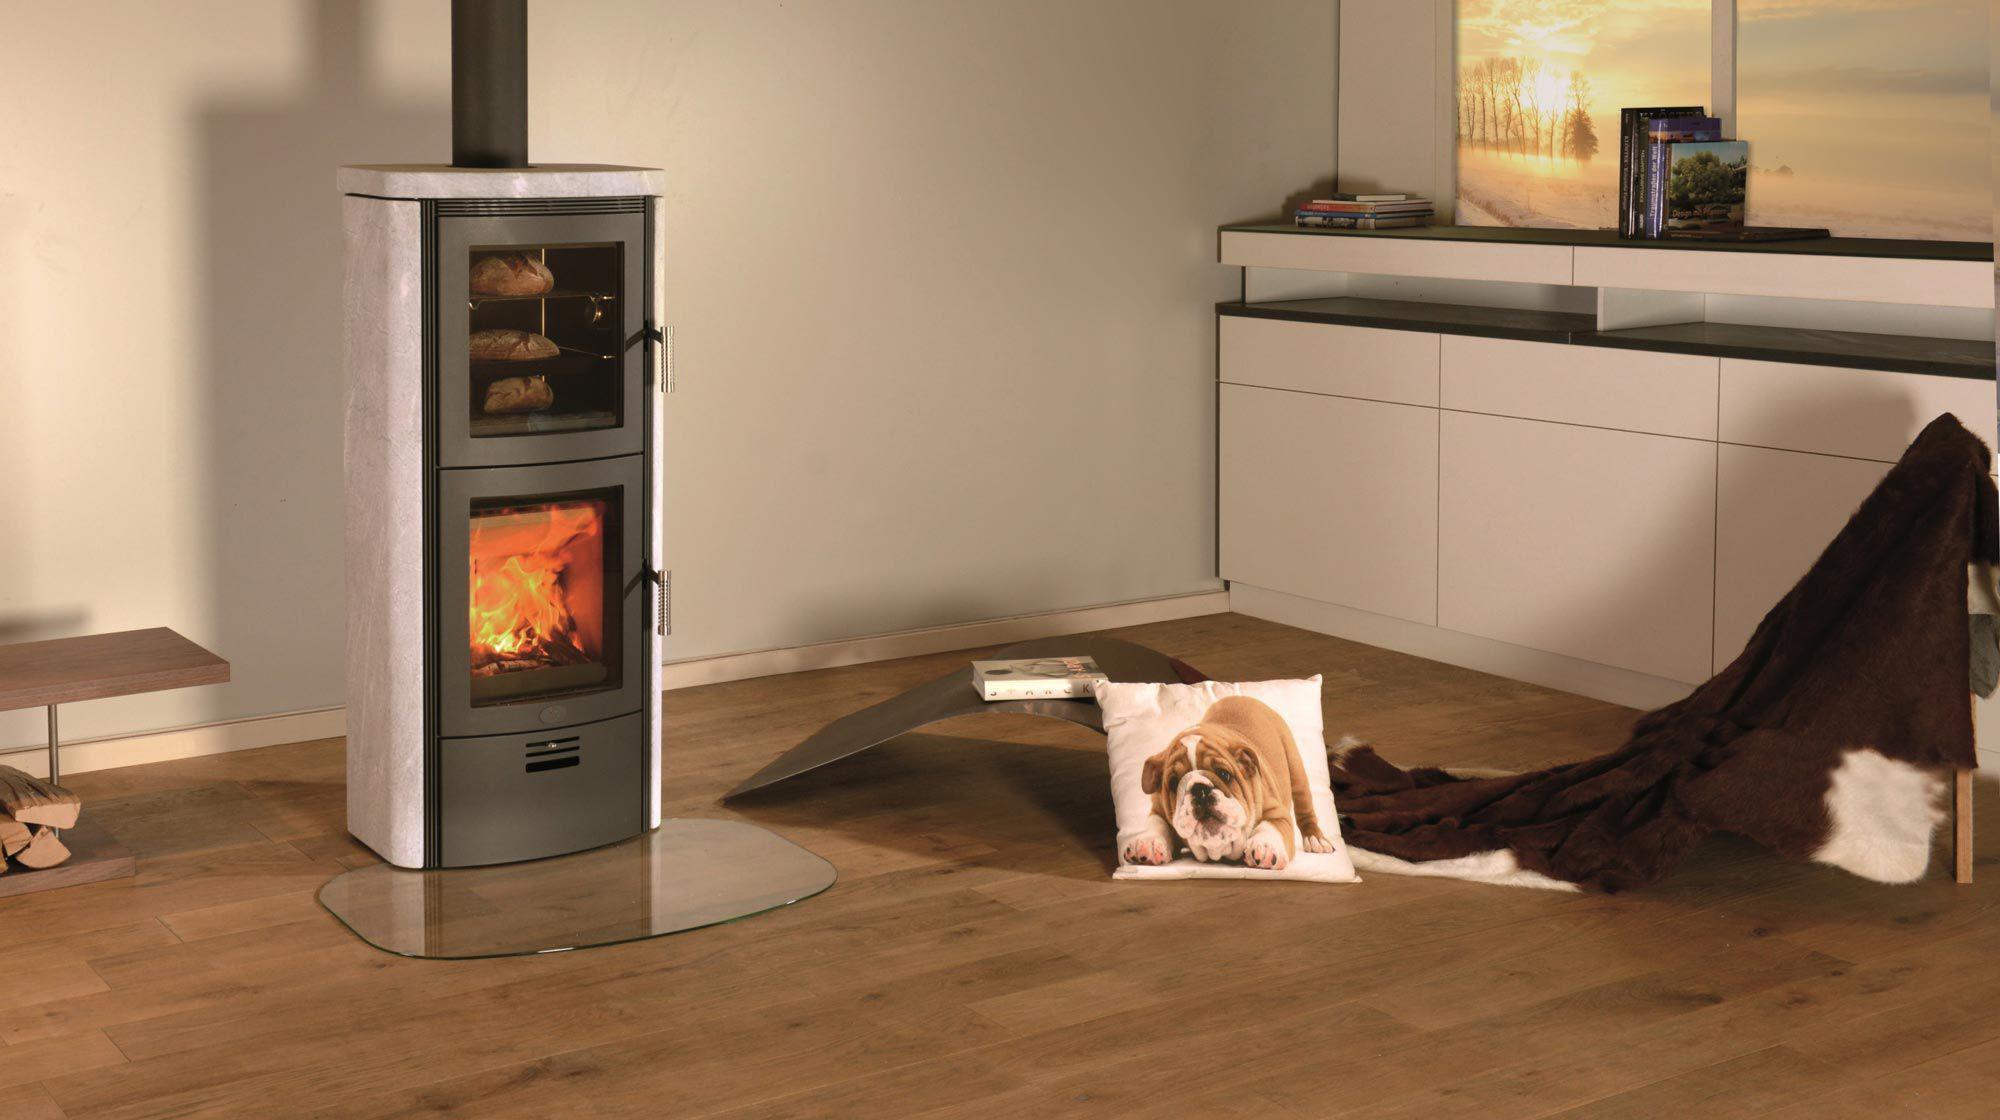 po le bois contemporain en pierre avec four. Black Bedroom Furniture Sets. Home Design Ideas